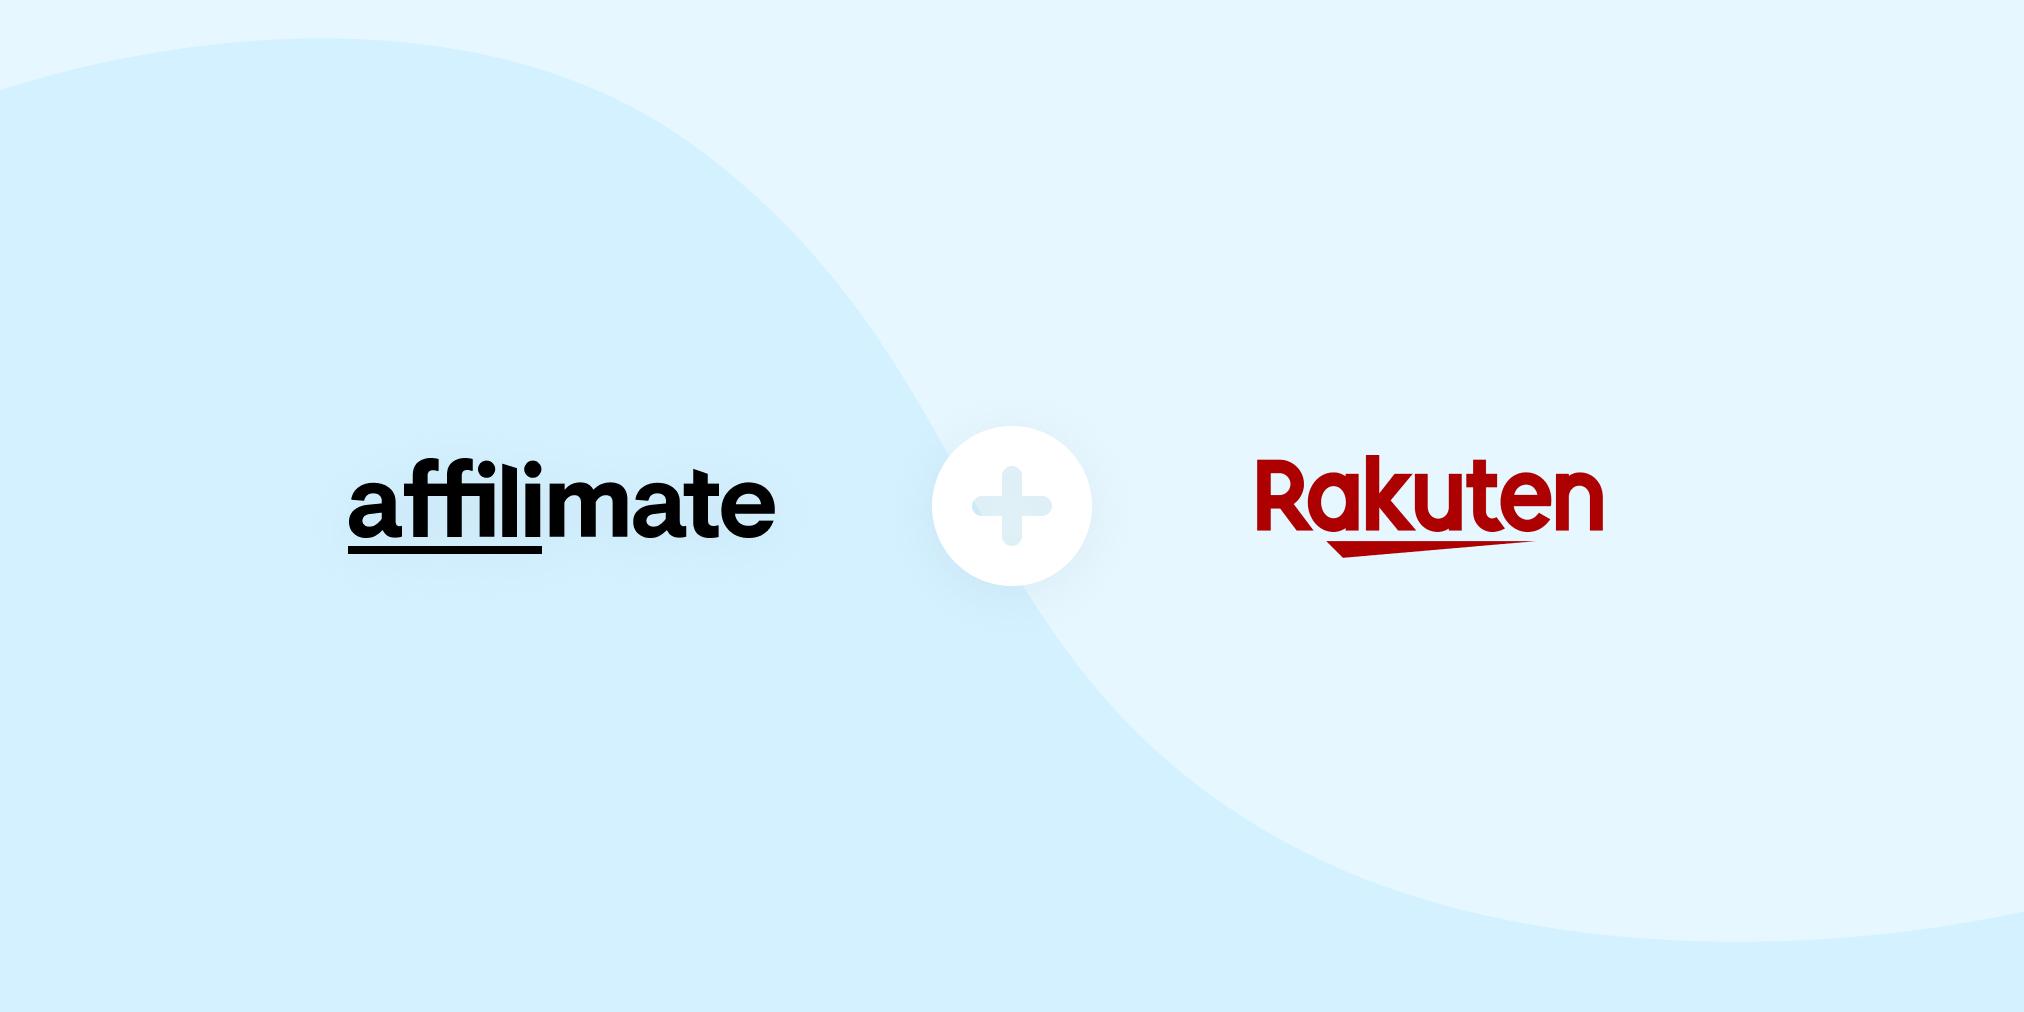 New Integration: Rakuten Arrives in Affilimate